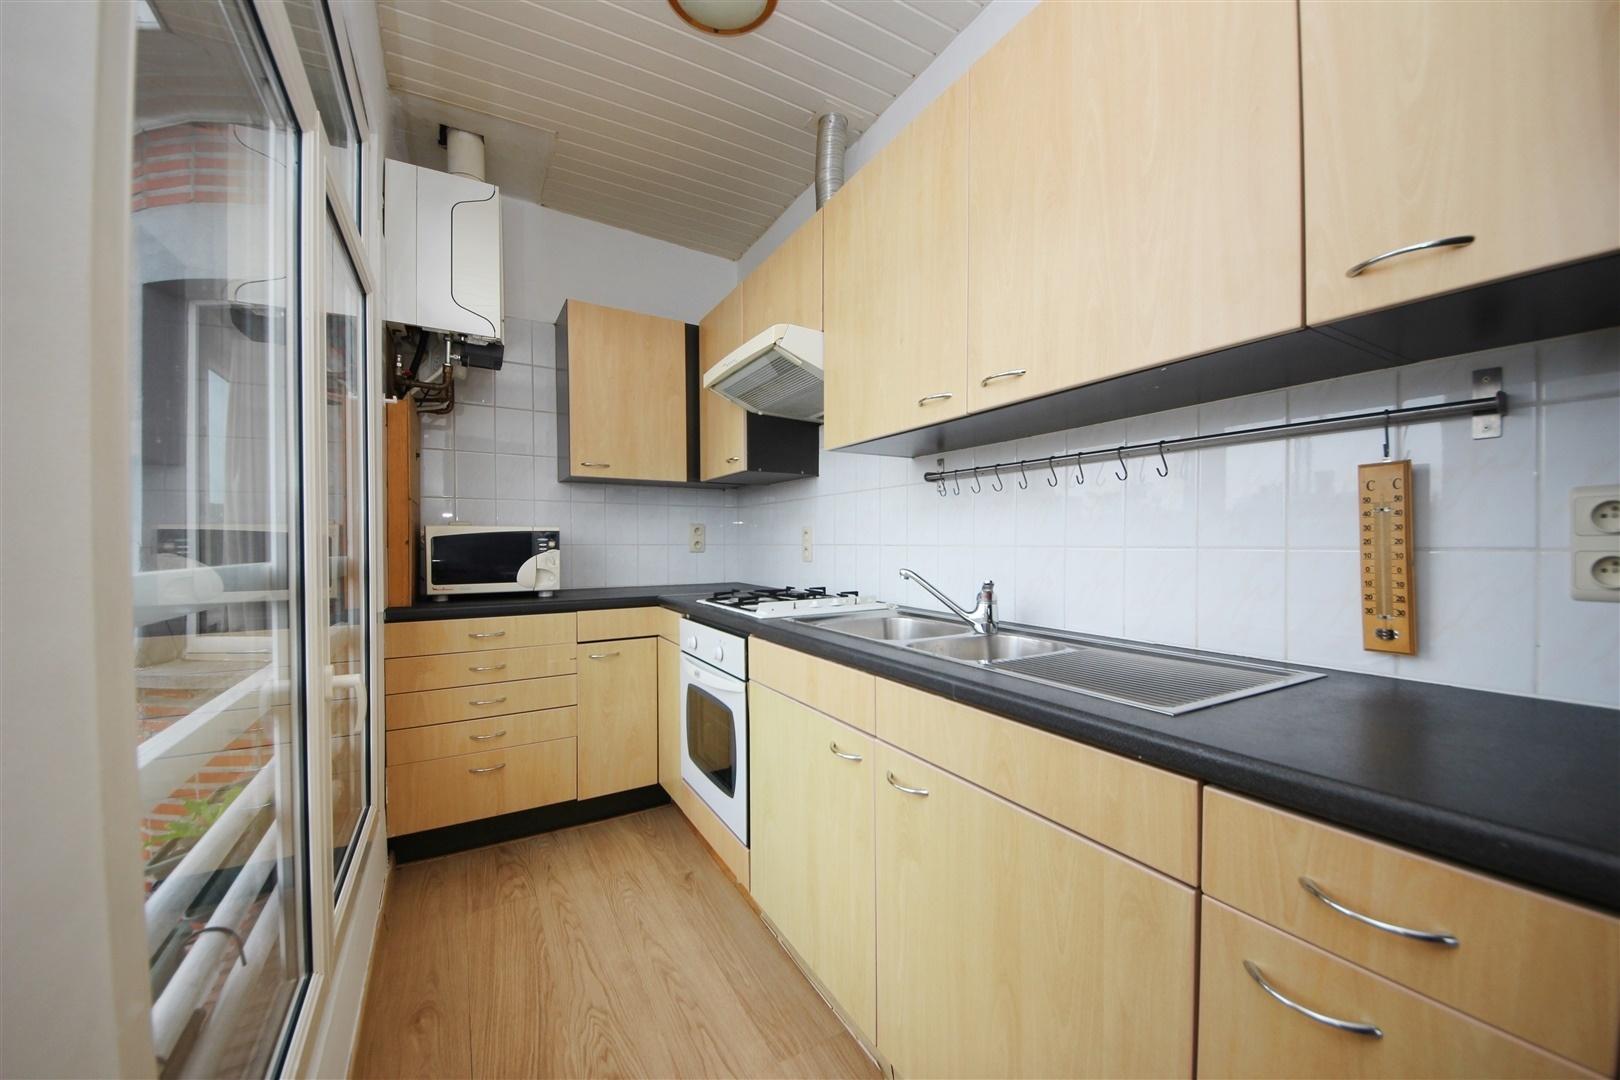 En slaapkamer appartement ideale investering woningen en appartementen te - Temperature ideale appartement ...